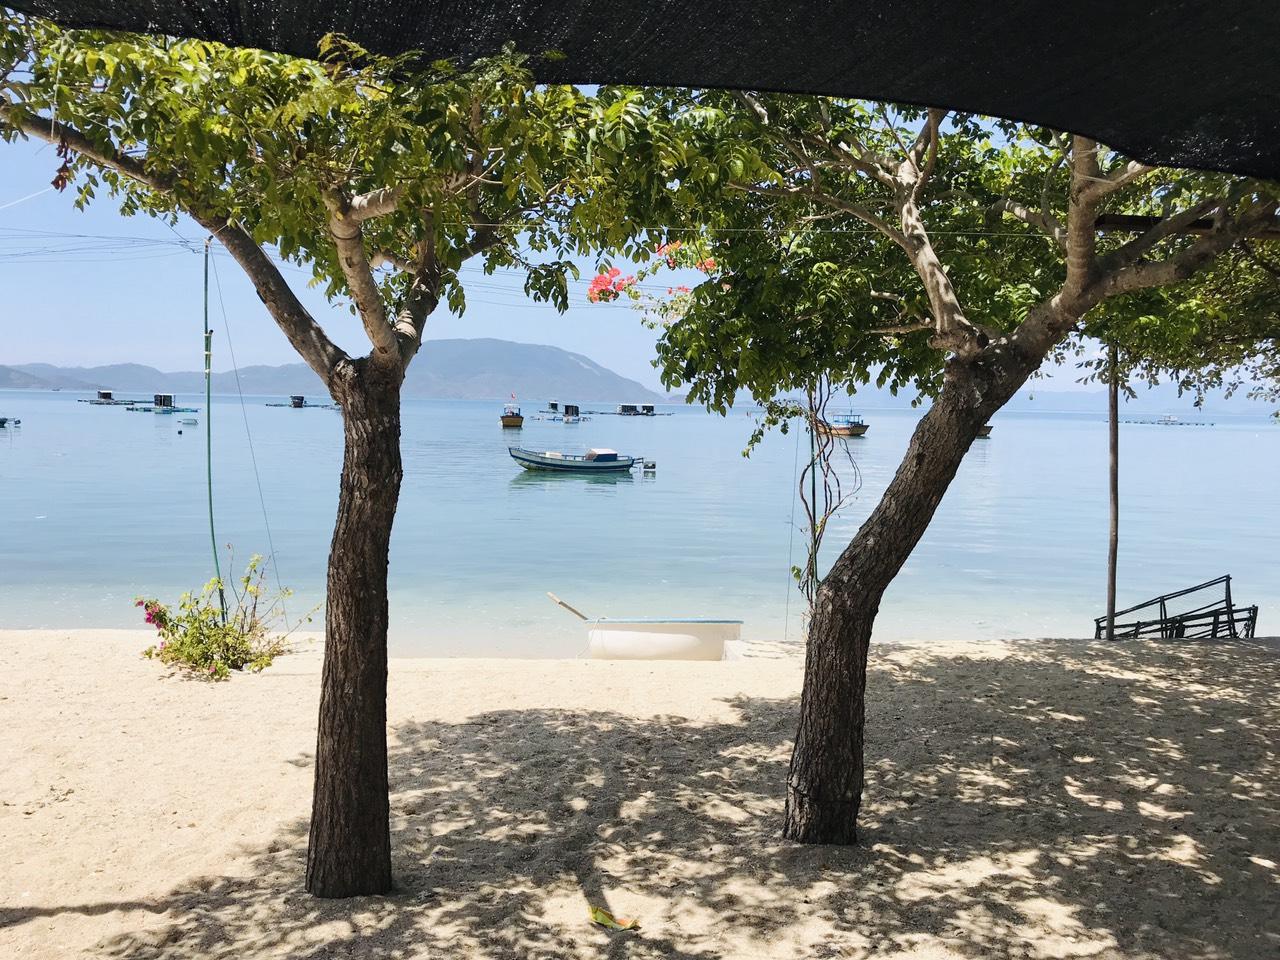 Mặt biển đảo Điệp Sơn